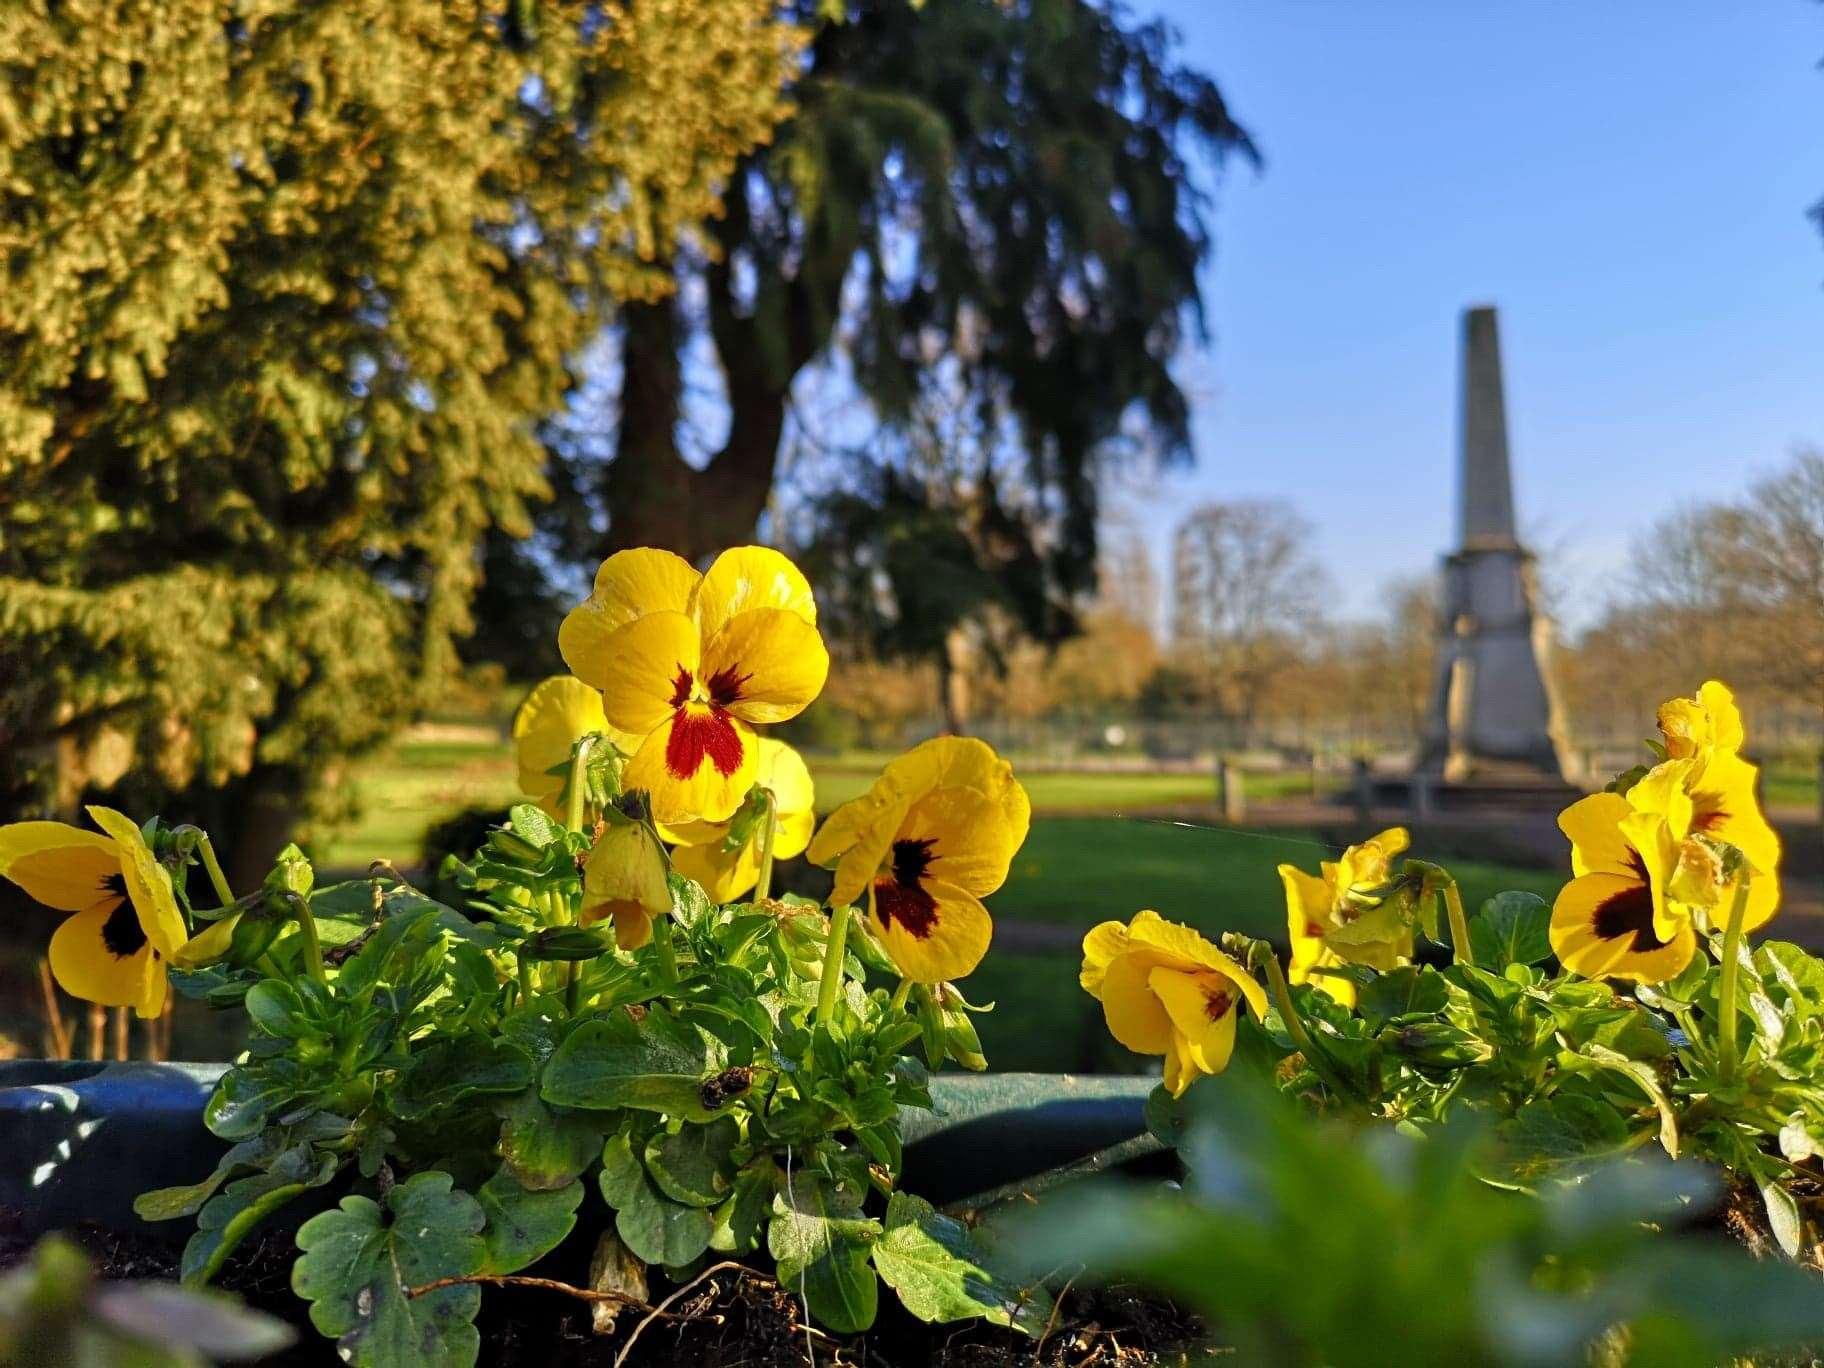 Violas in Castle Gardens in the heart of Bishop's Stortford. Picture: Jandira Gasque (44765556)